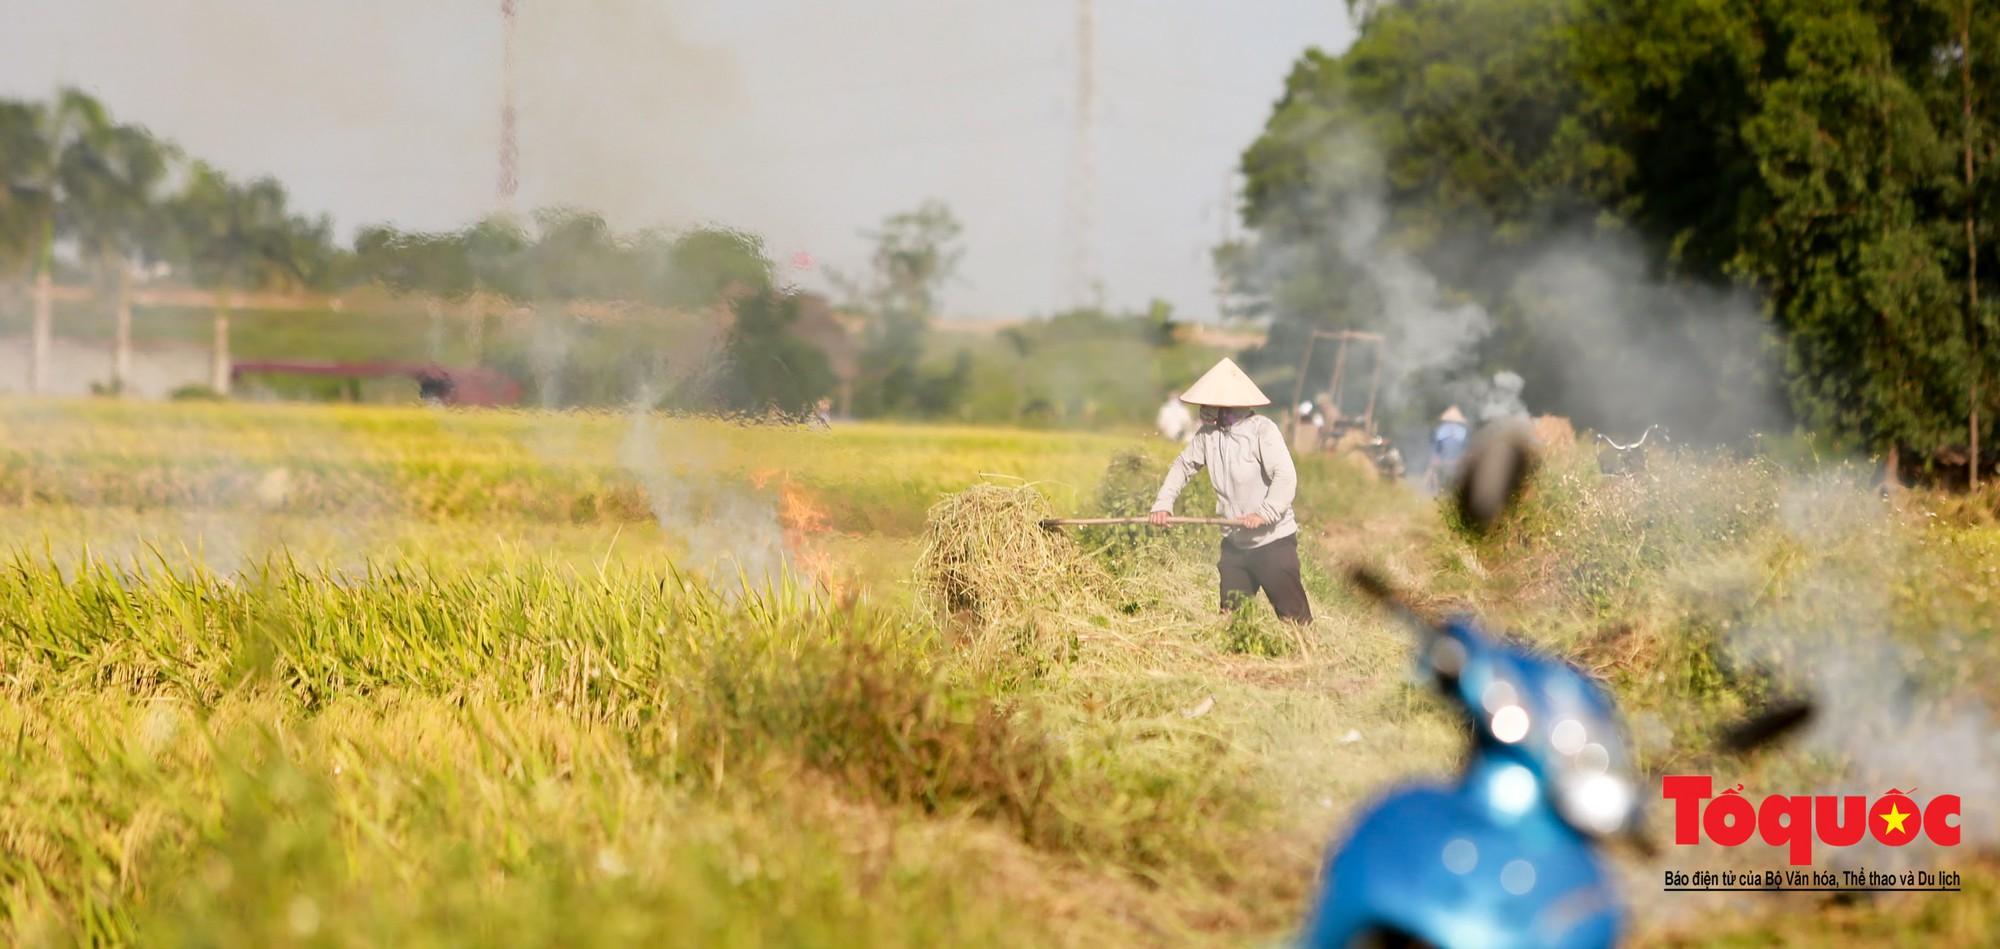 Nông dân ngoại thành vô tình khiến nội thành Hà Nội có một lớp sương mờ9